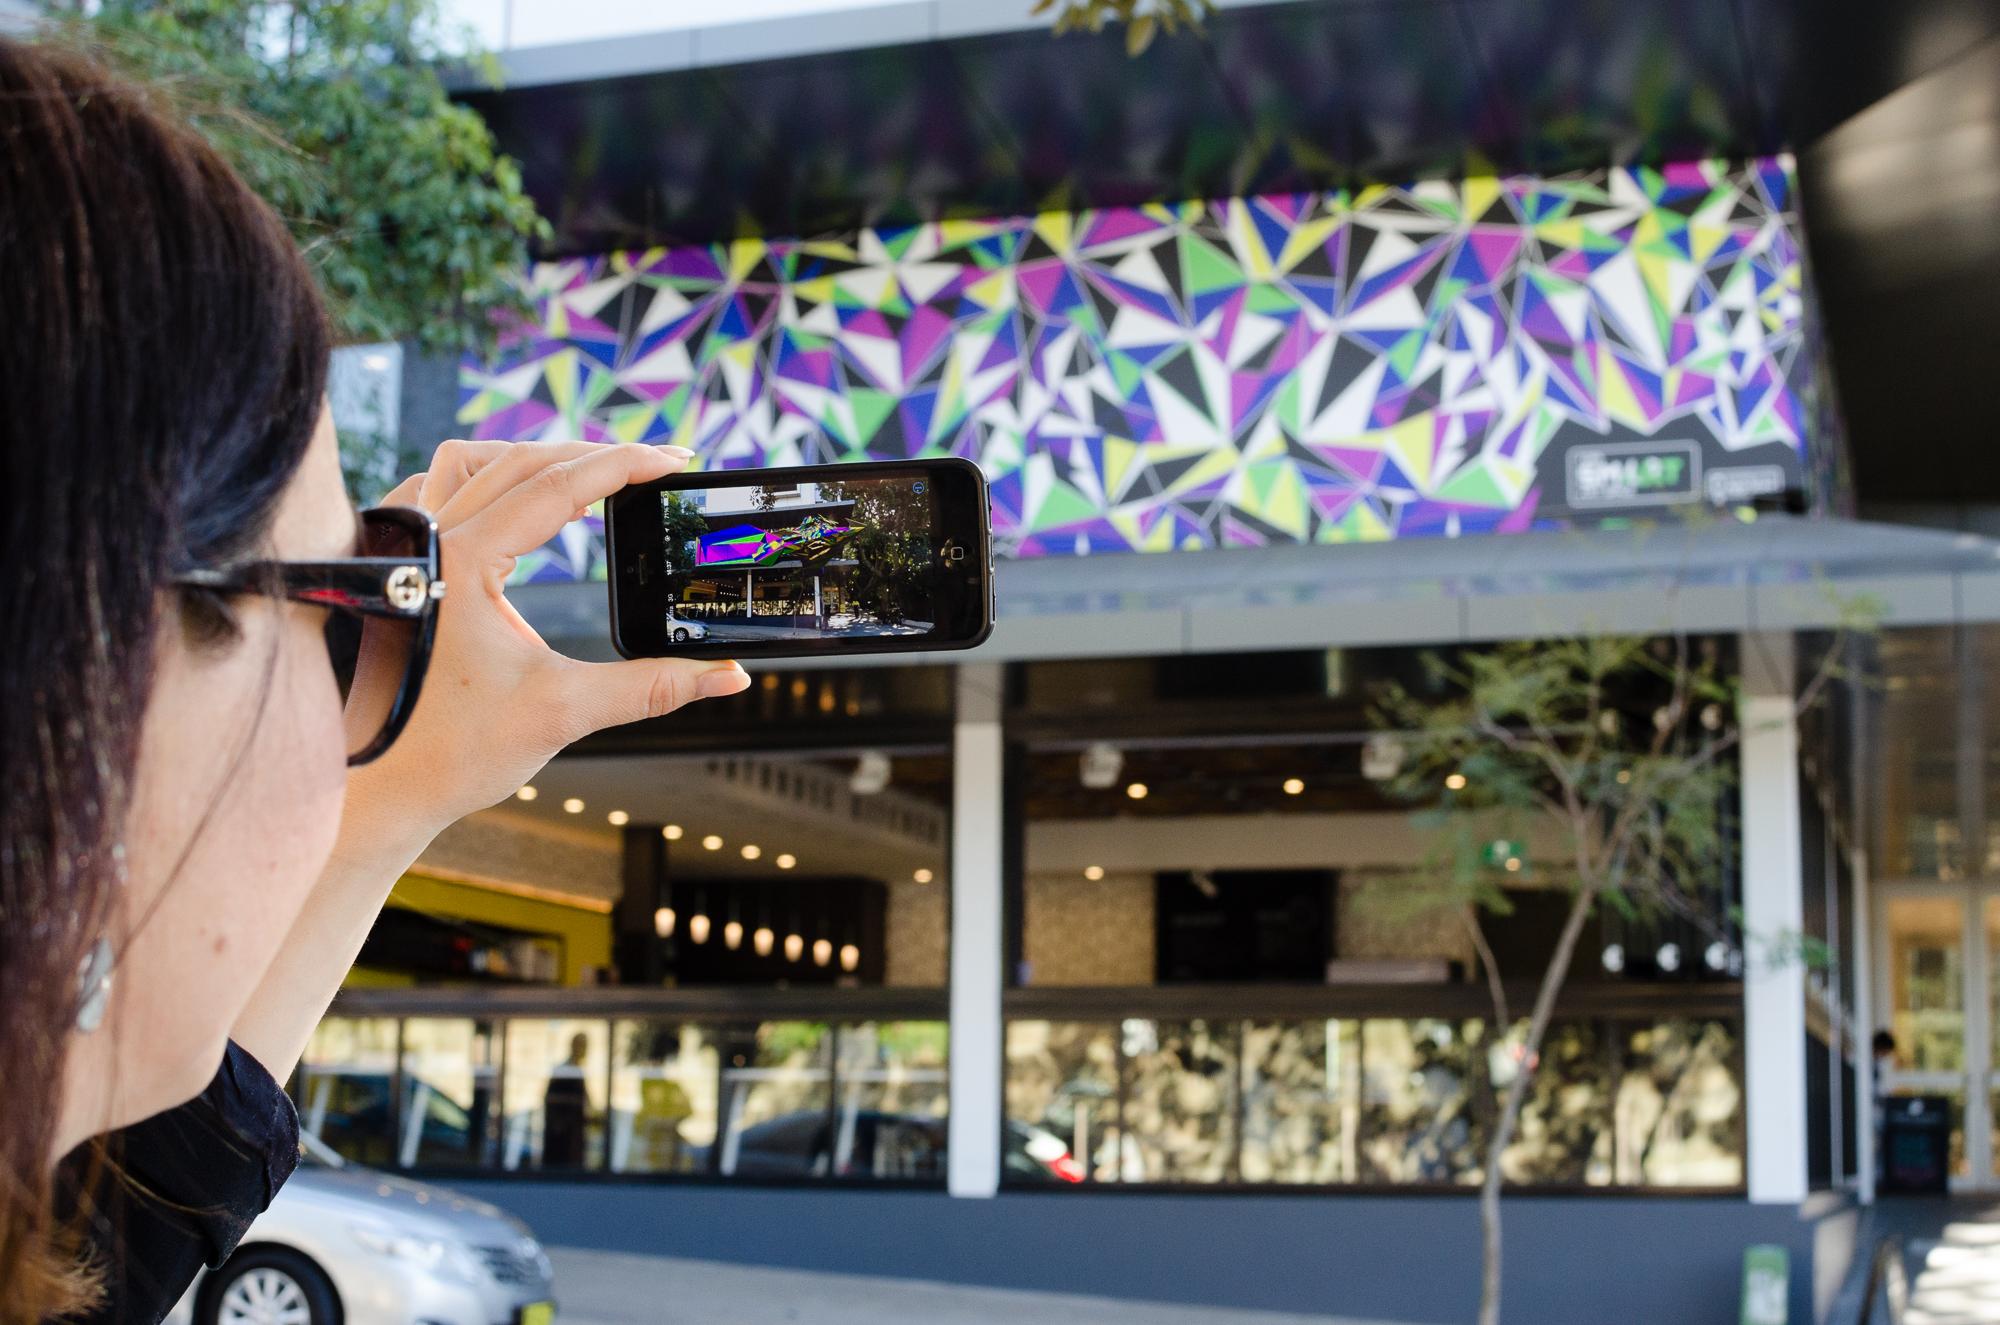 COFA Smart Art augmented reality